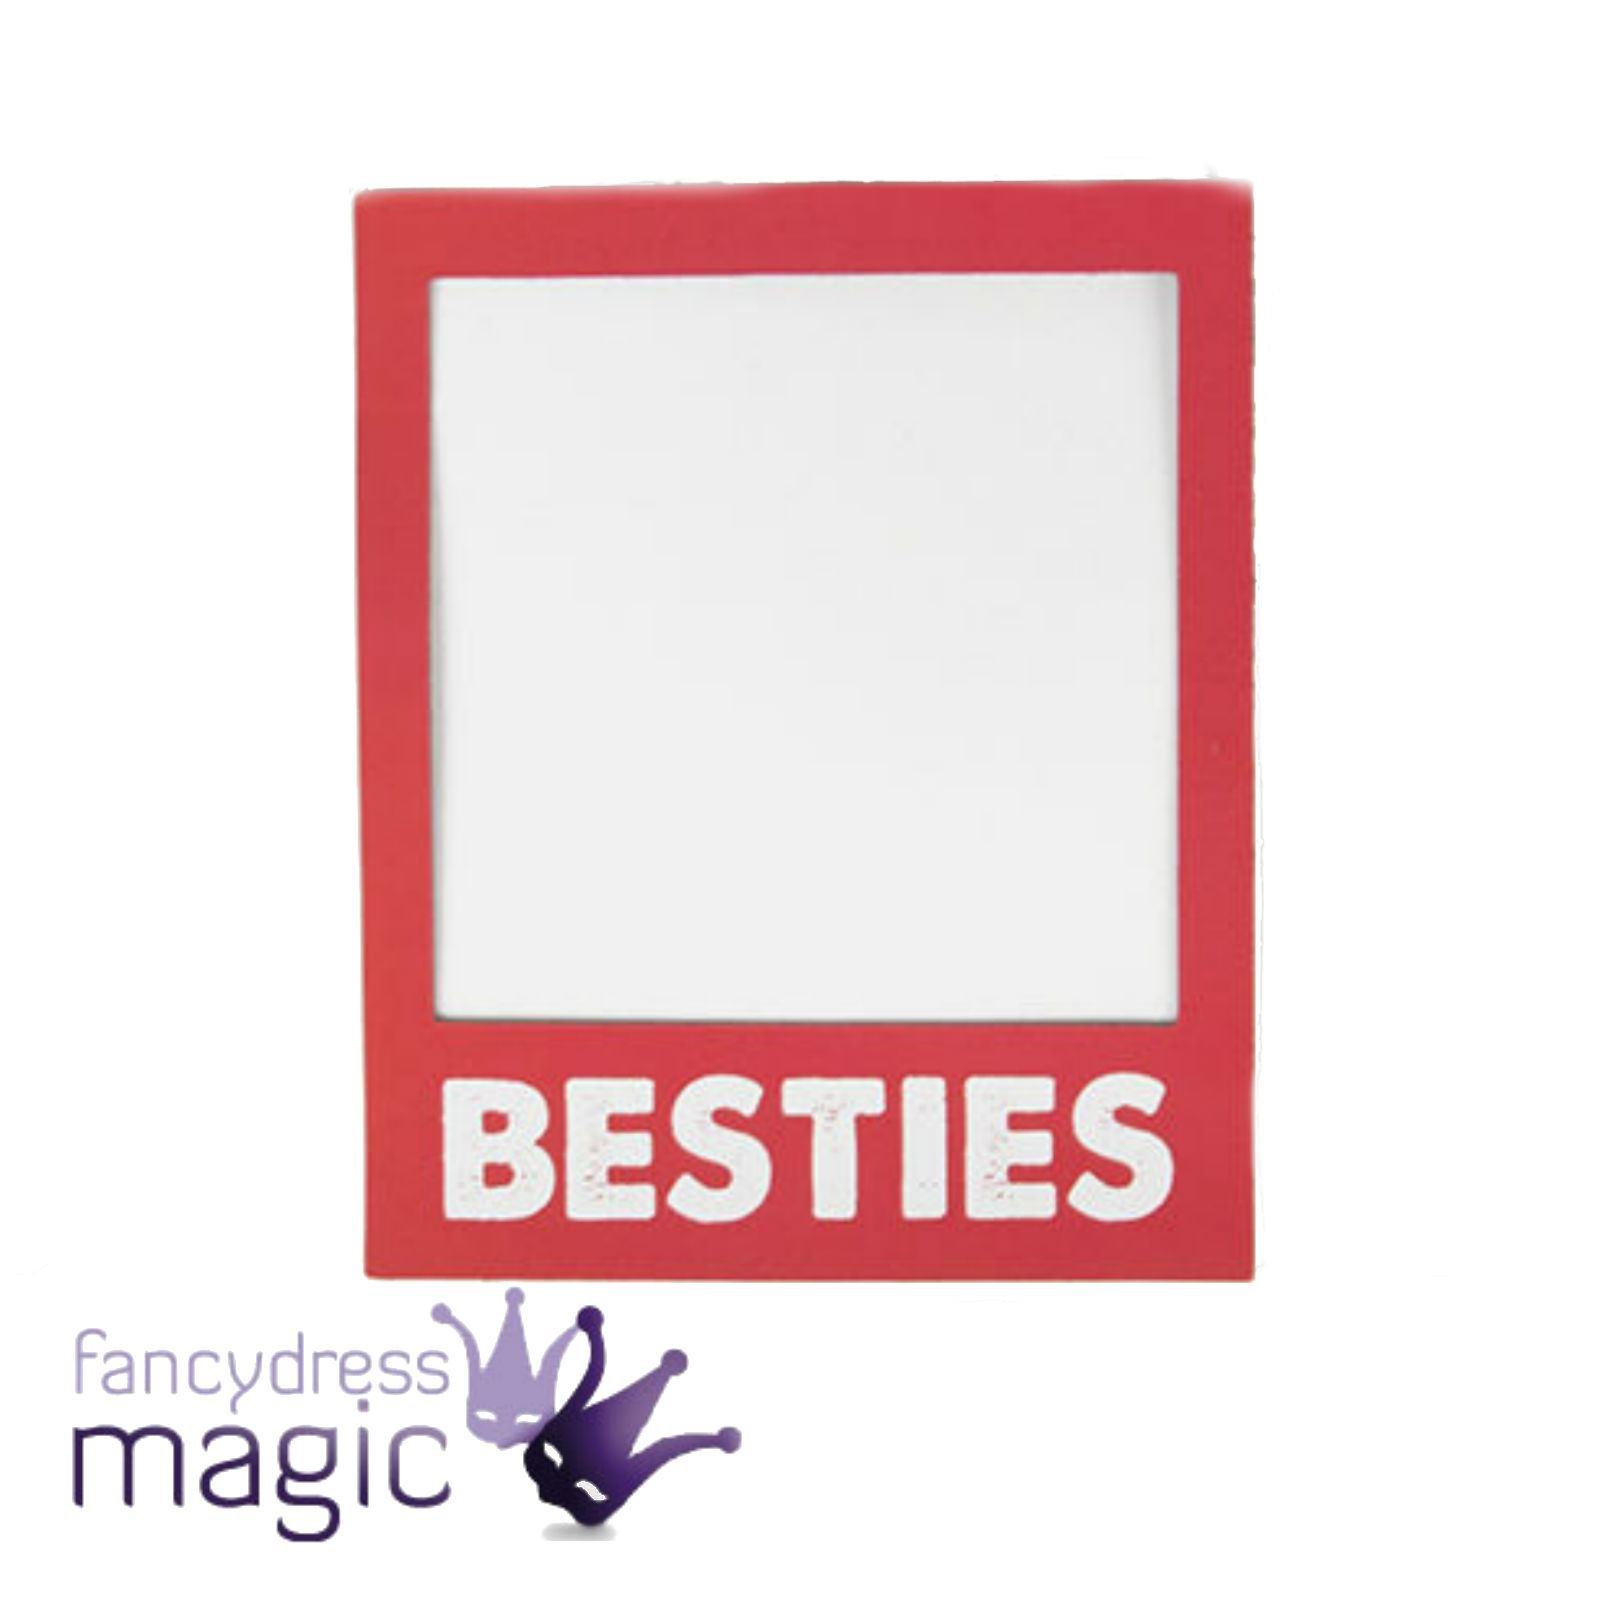 Fantástico Besties Marco De Imagen Colección de Imágenes - Ideas ...